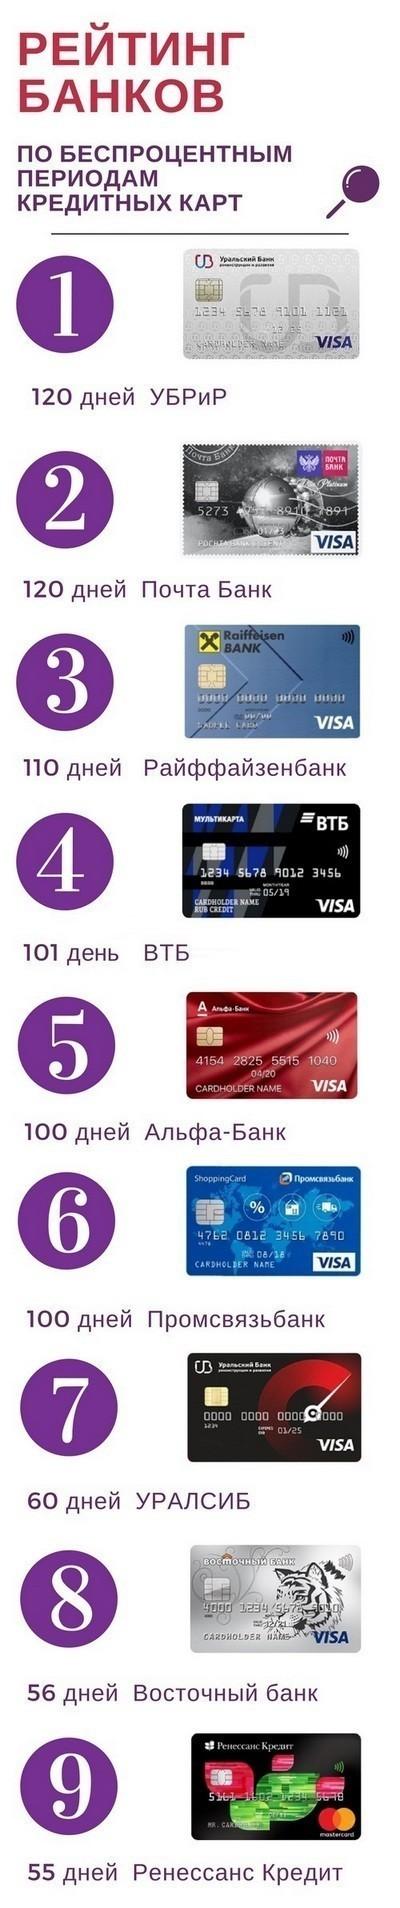 рейтинг банков и кредитных карт по длительности периода без процентов